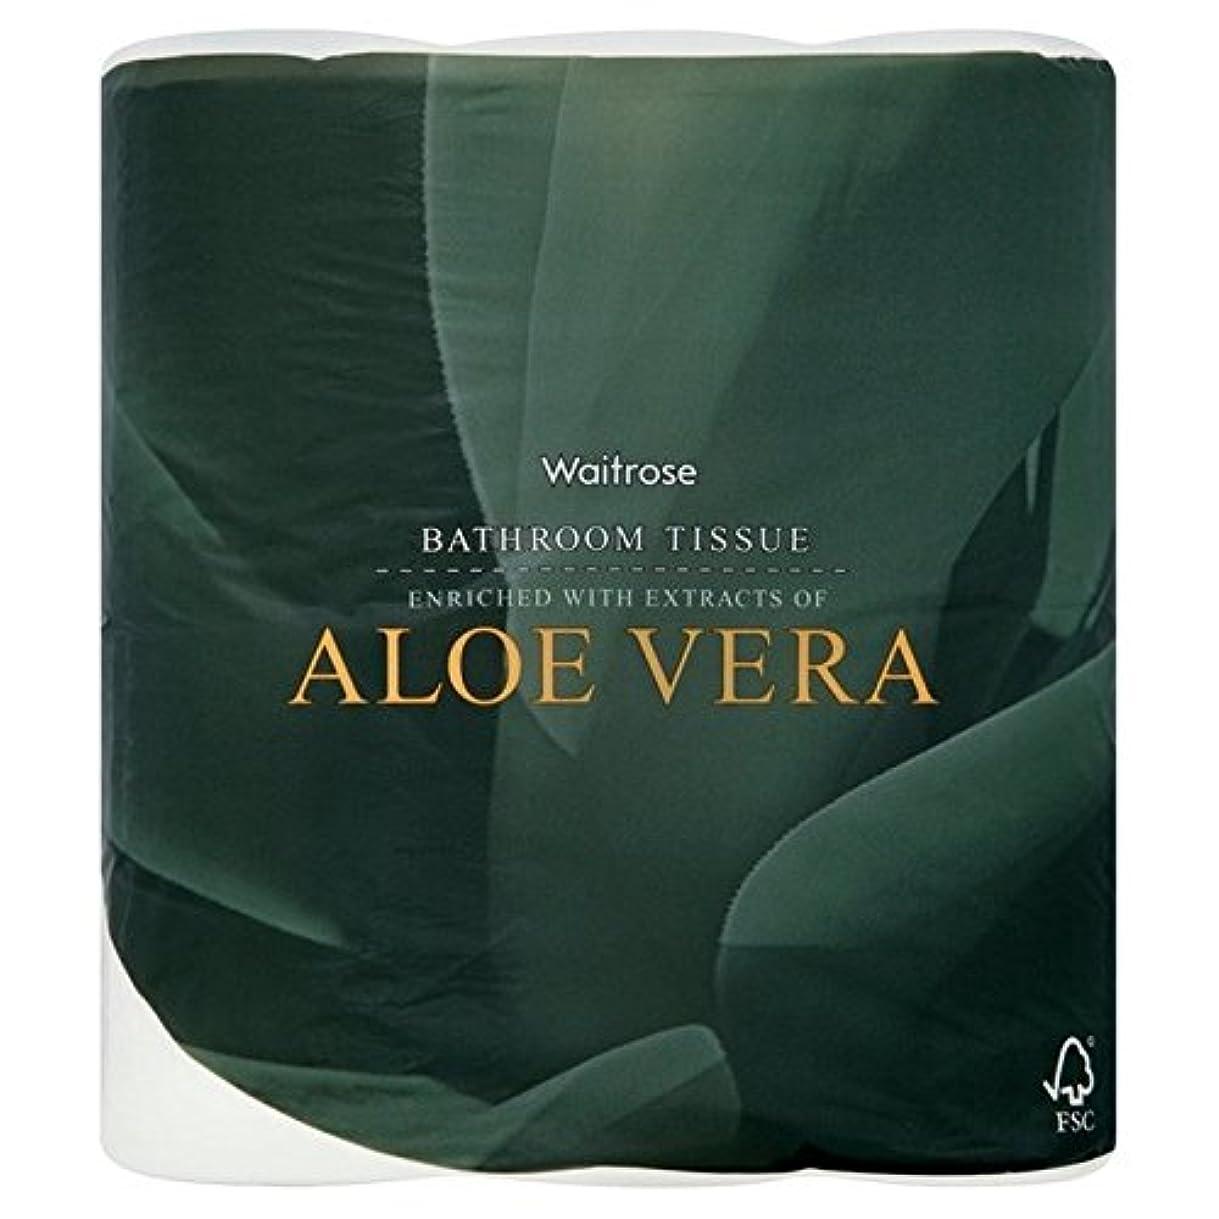 仲間、同僚乗算直径パックあたりアロエベラ浴室組織白ウェイトローズ4 x2 - Aloe Vera Bathroom Tissue White Waitrose 4 per pack (Pack of 2) [並行輸入品]